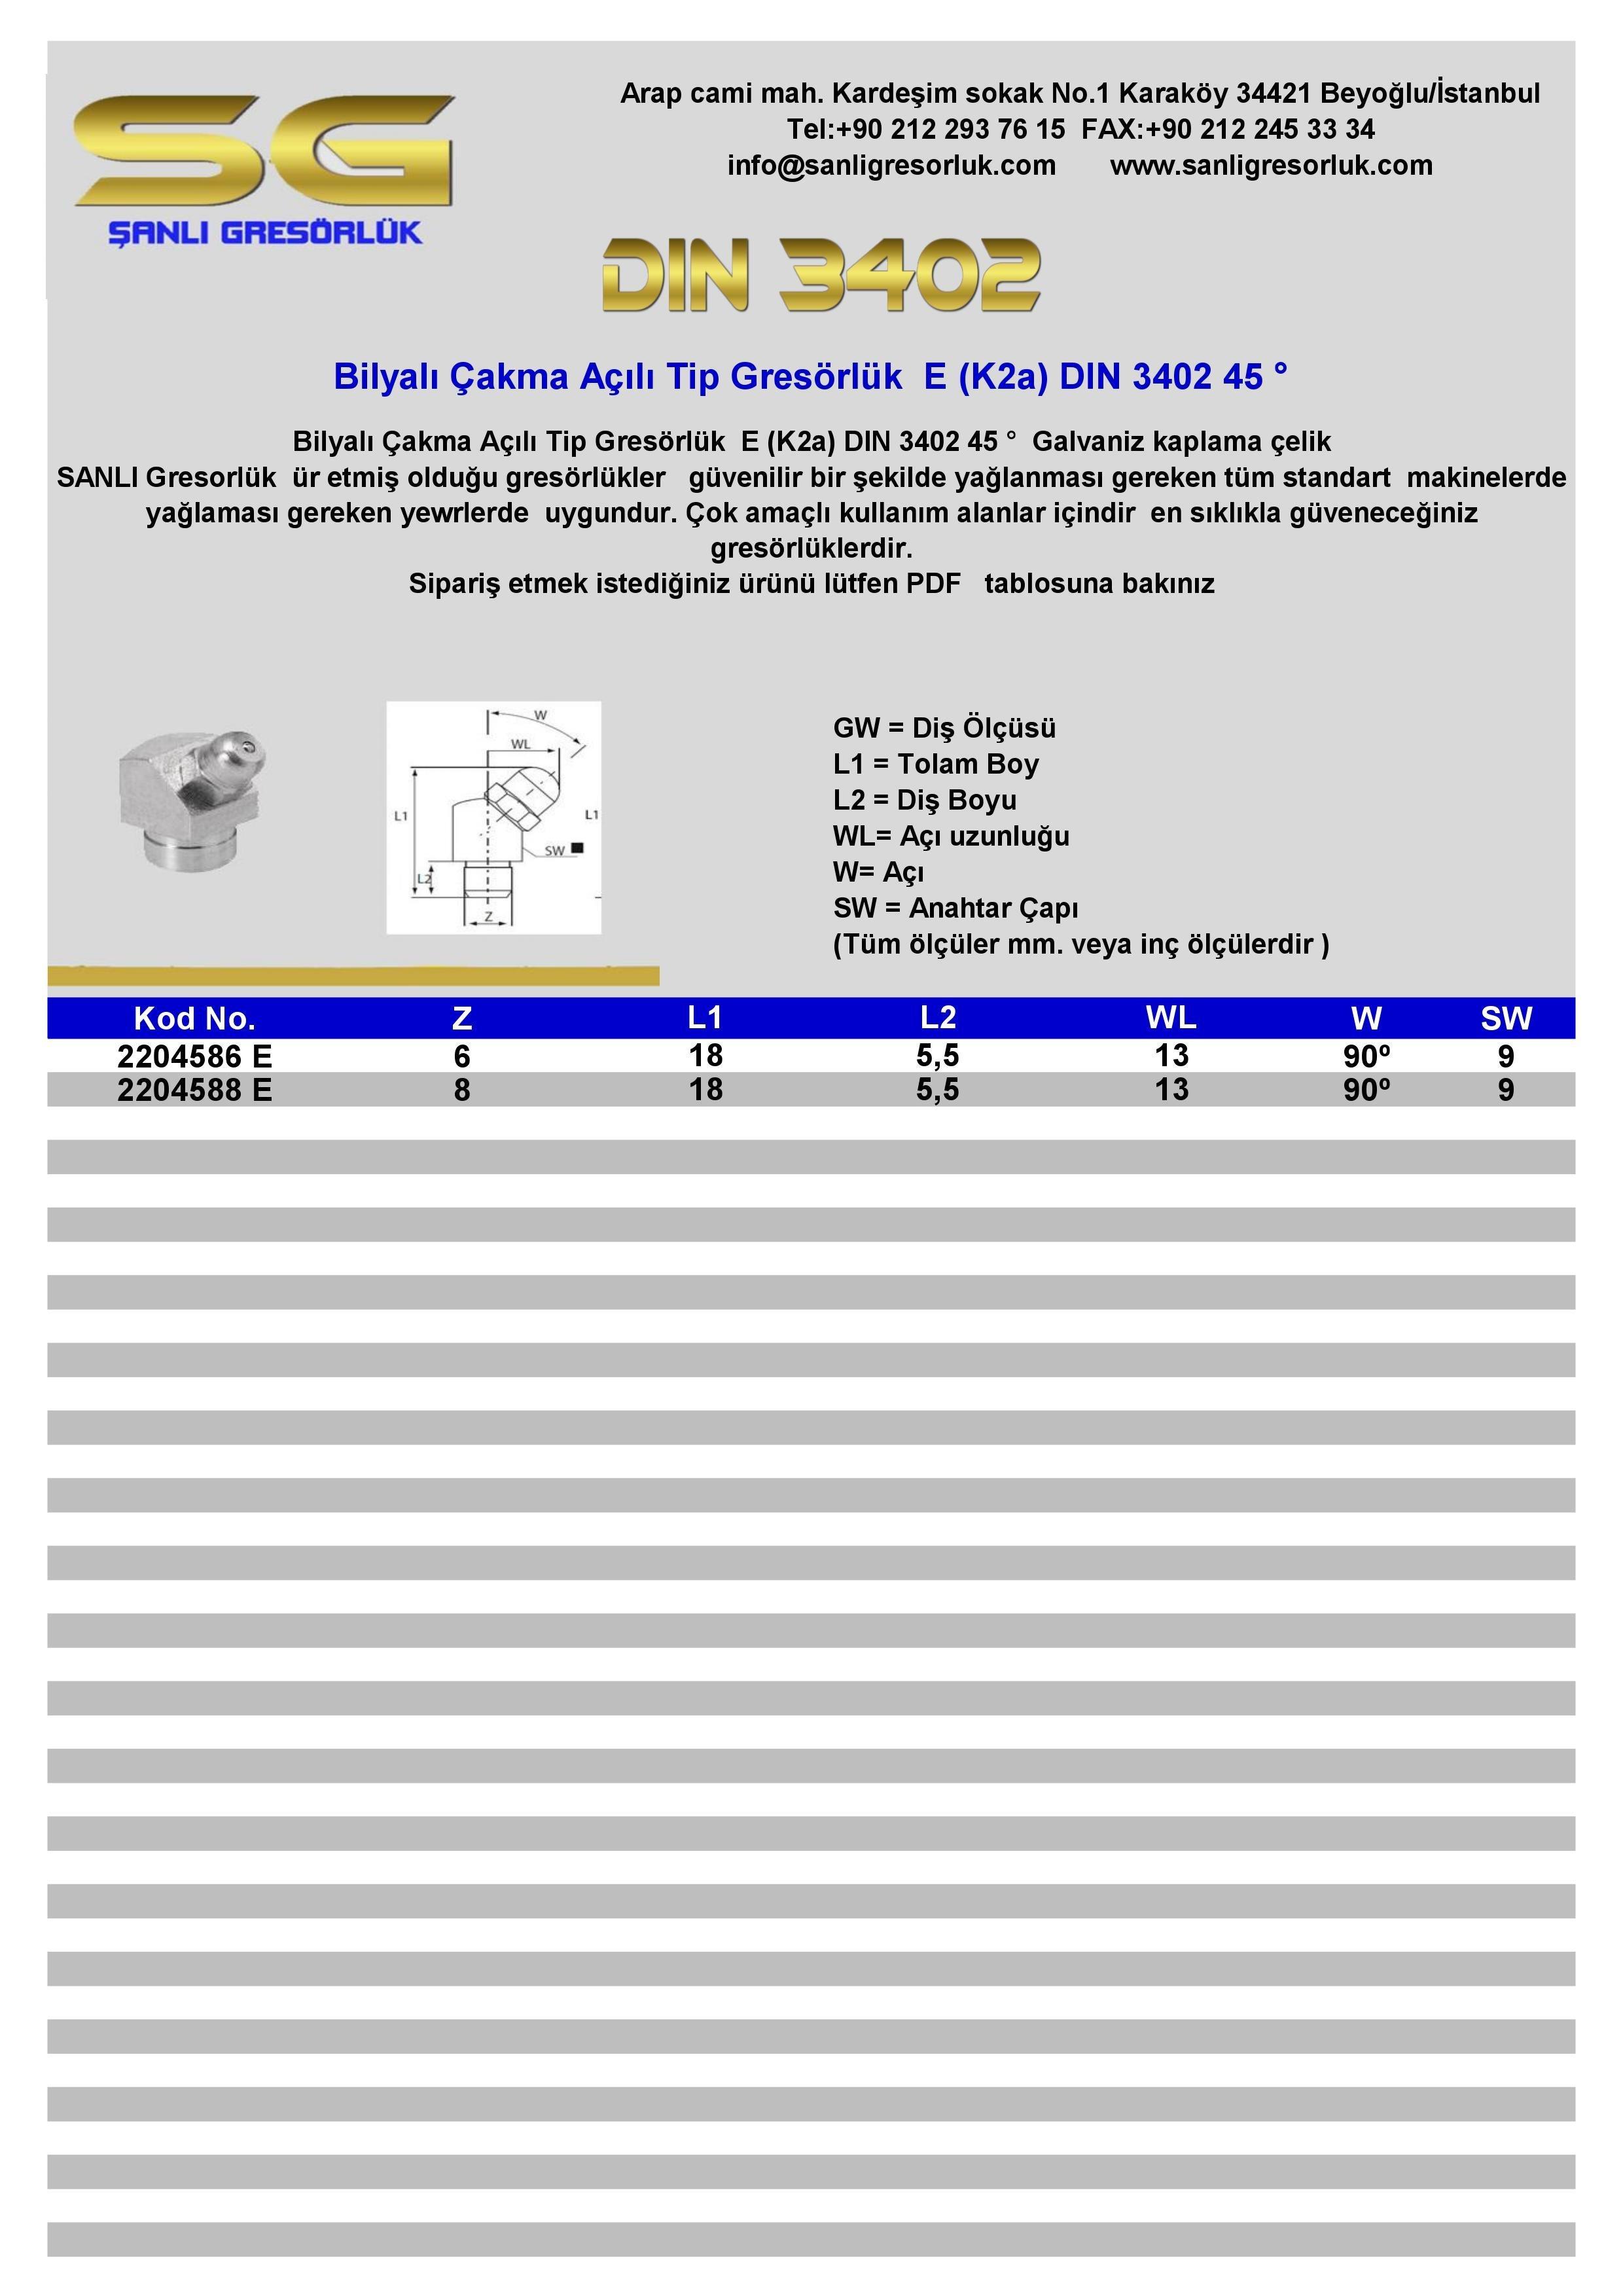 Bilyali-egri-tip-cakma-gresorluk-e-k2a-din-3402-45-Sanli-gresorluk